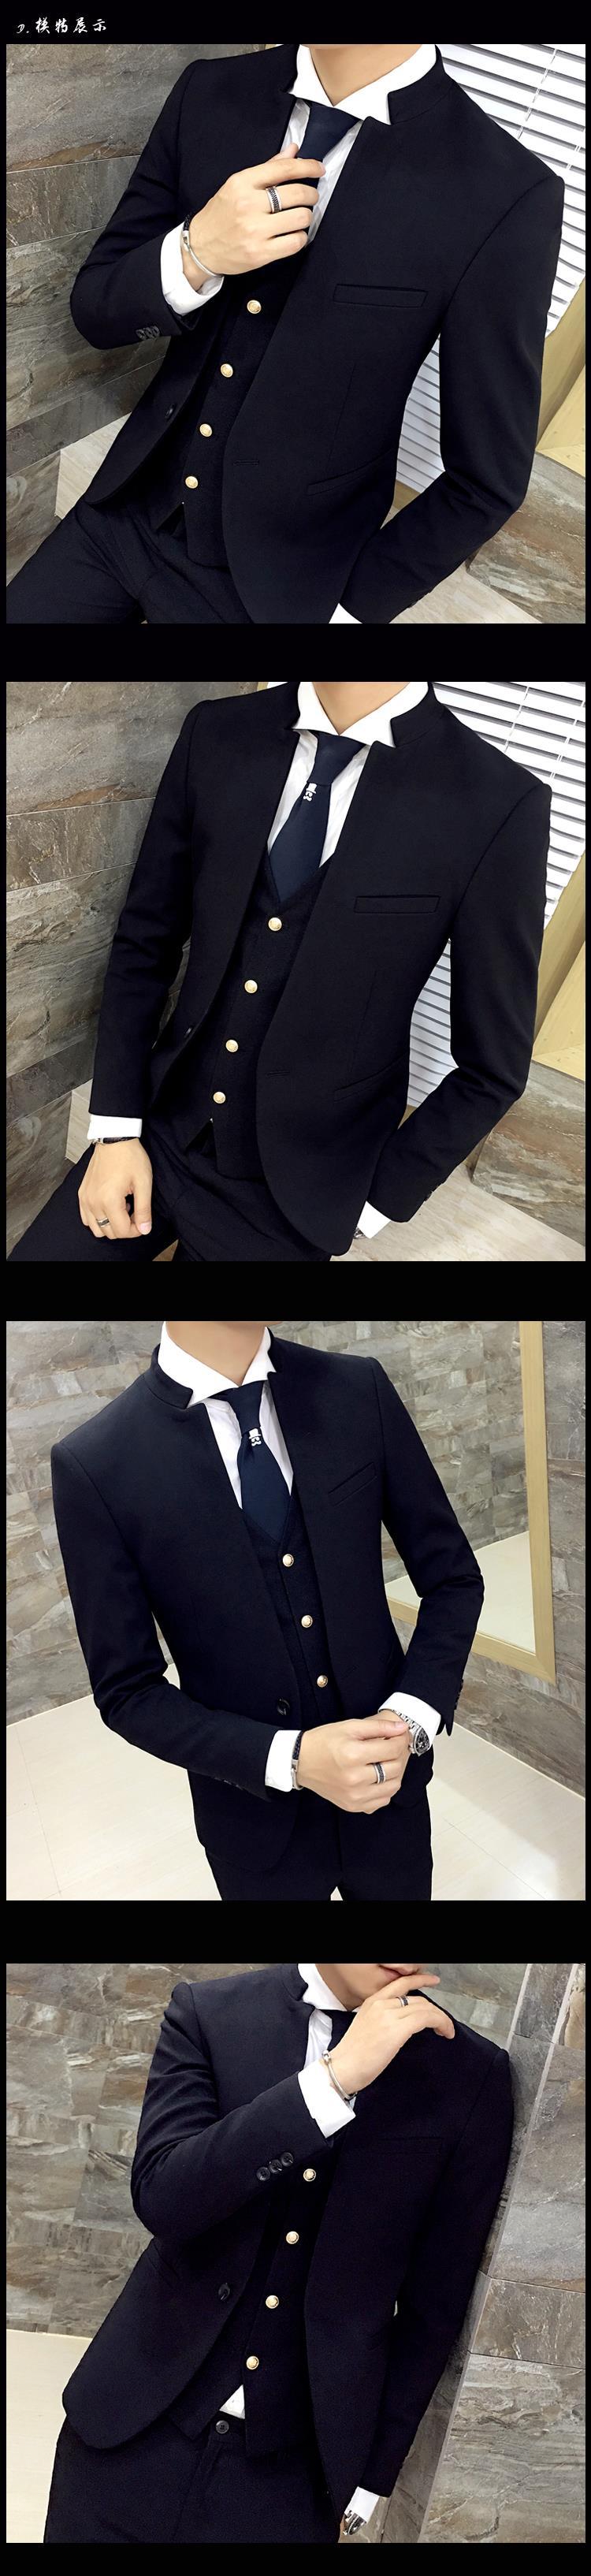 031249b7bb Giacca con colletto alla coreana Giacca unica con vestibilità slim fit  Blazer Vintage Chaquetas Hombre De Vestir Abito da abito elegante